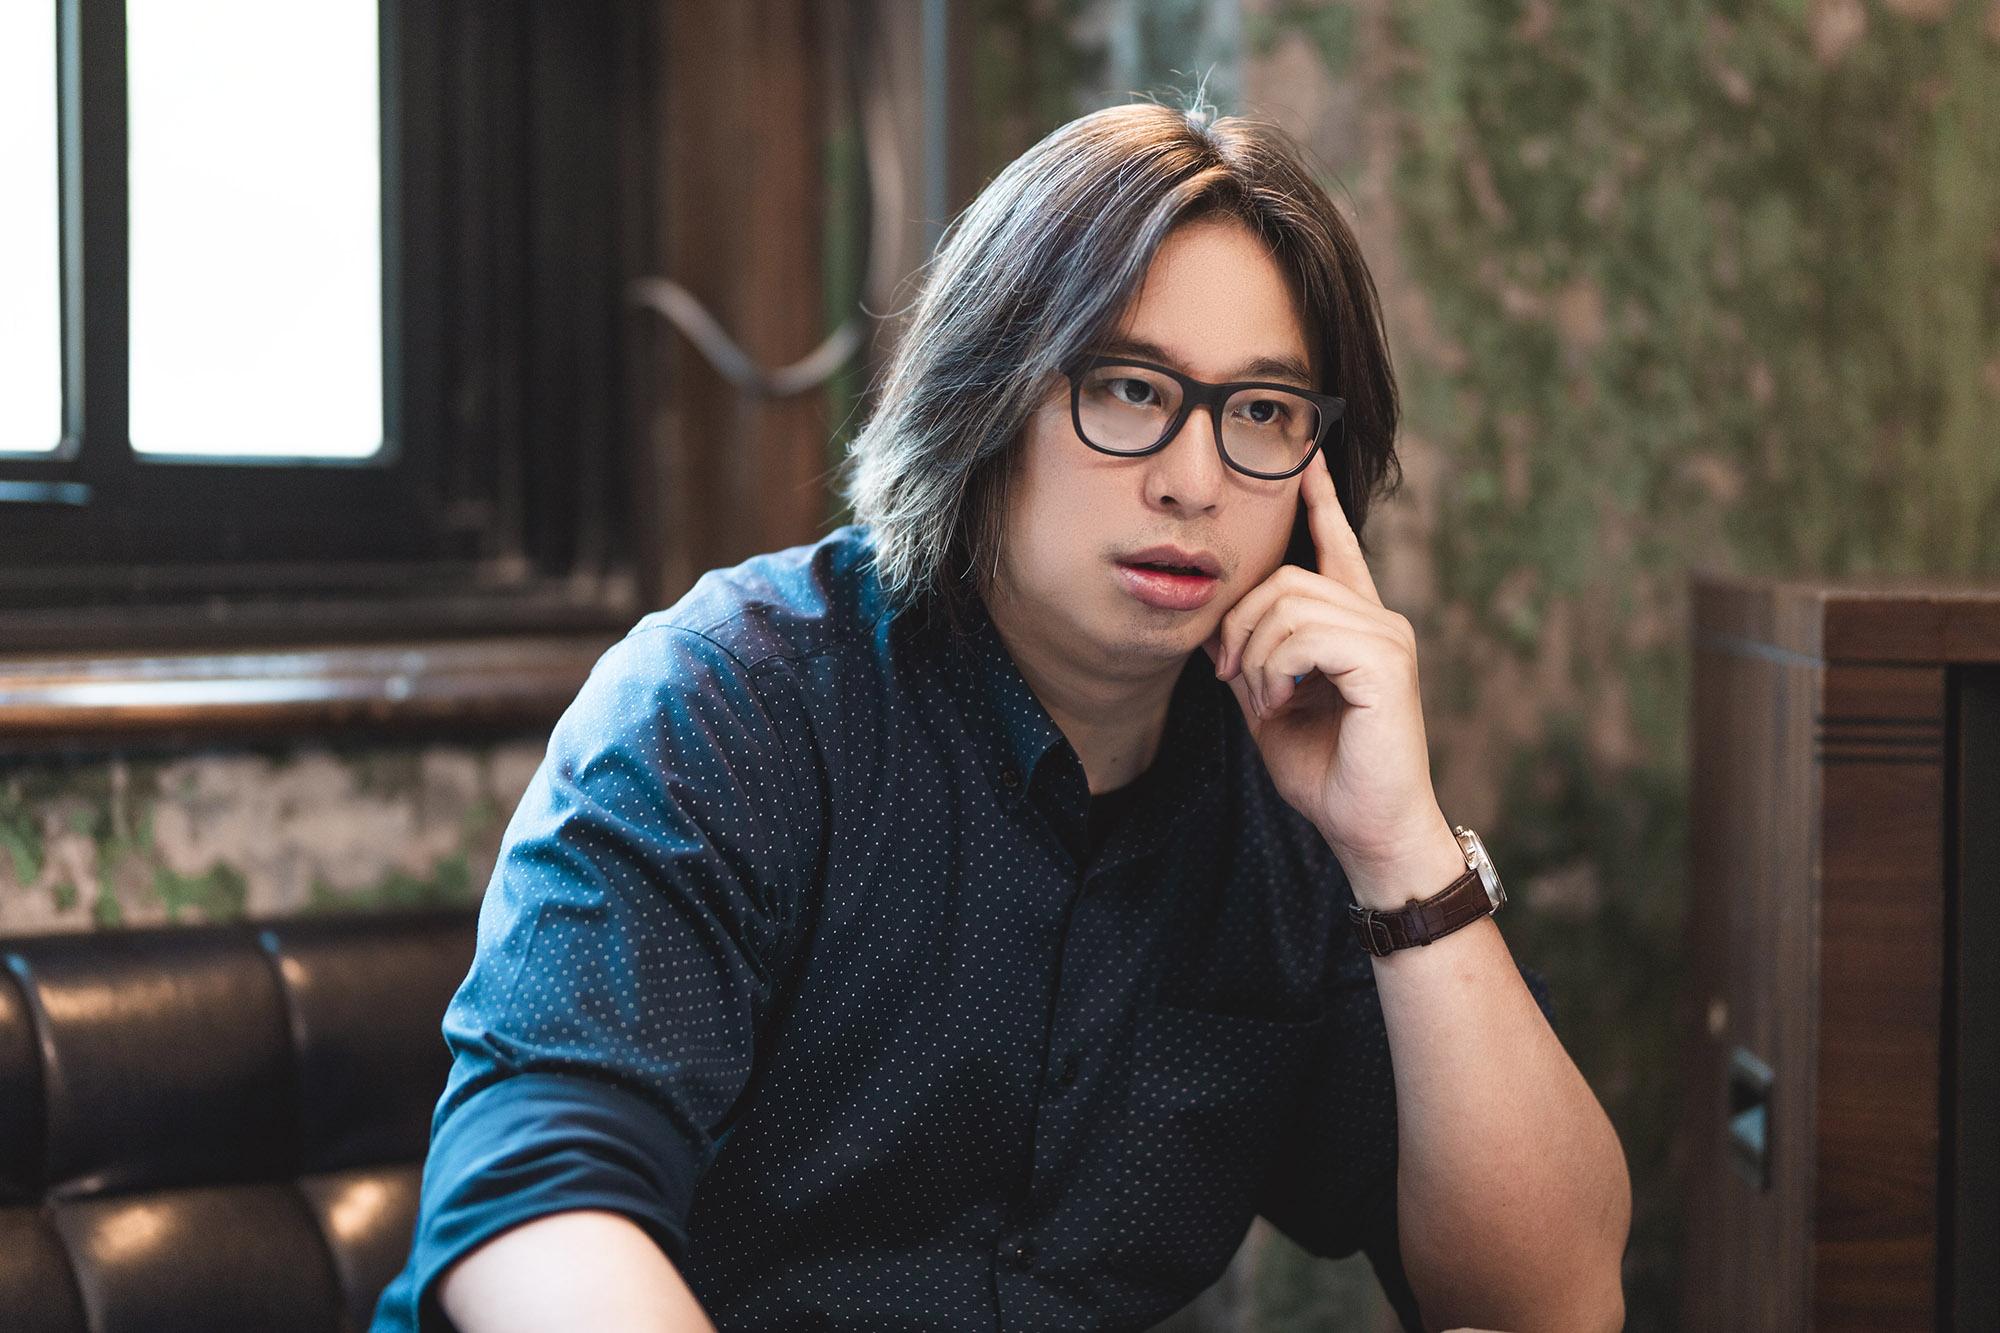 導演華天灝指出,過去公部門行銷案常是有子彈,但缺少戰略。